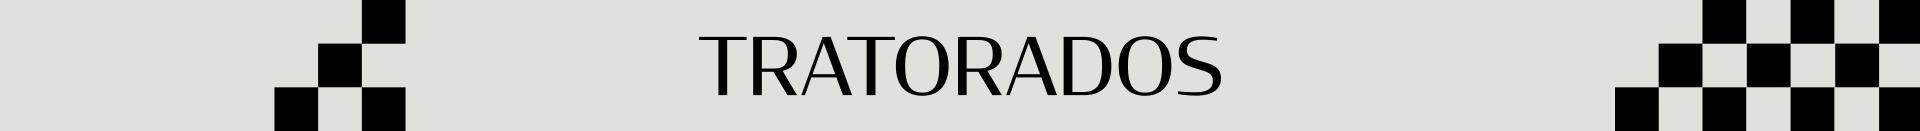 Virada-Tratorados-categoria-desktop.png